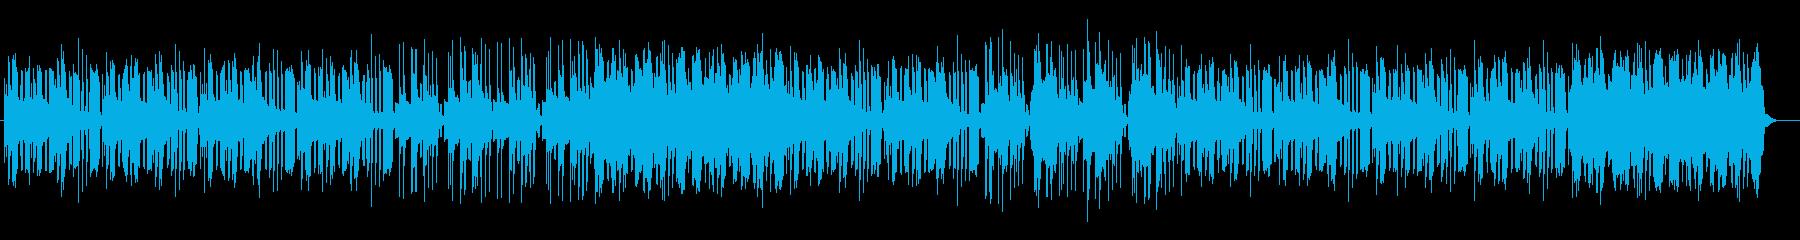 ファンタジー感のある静かなワルツポップスの再生済みの波形